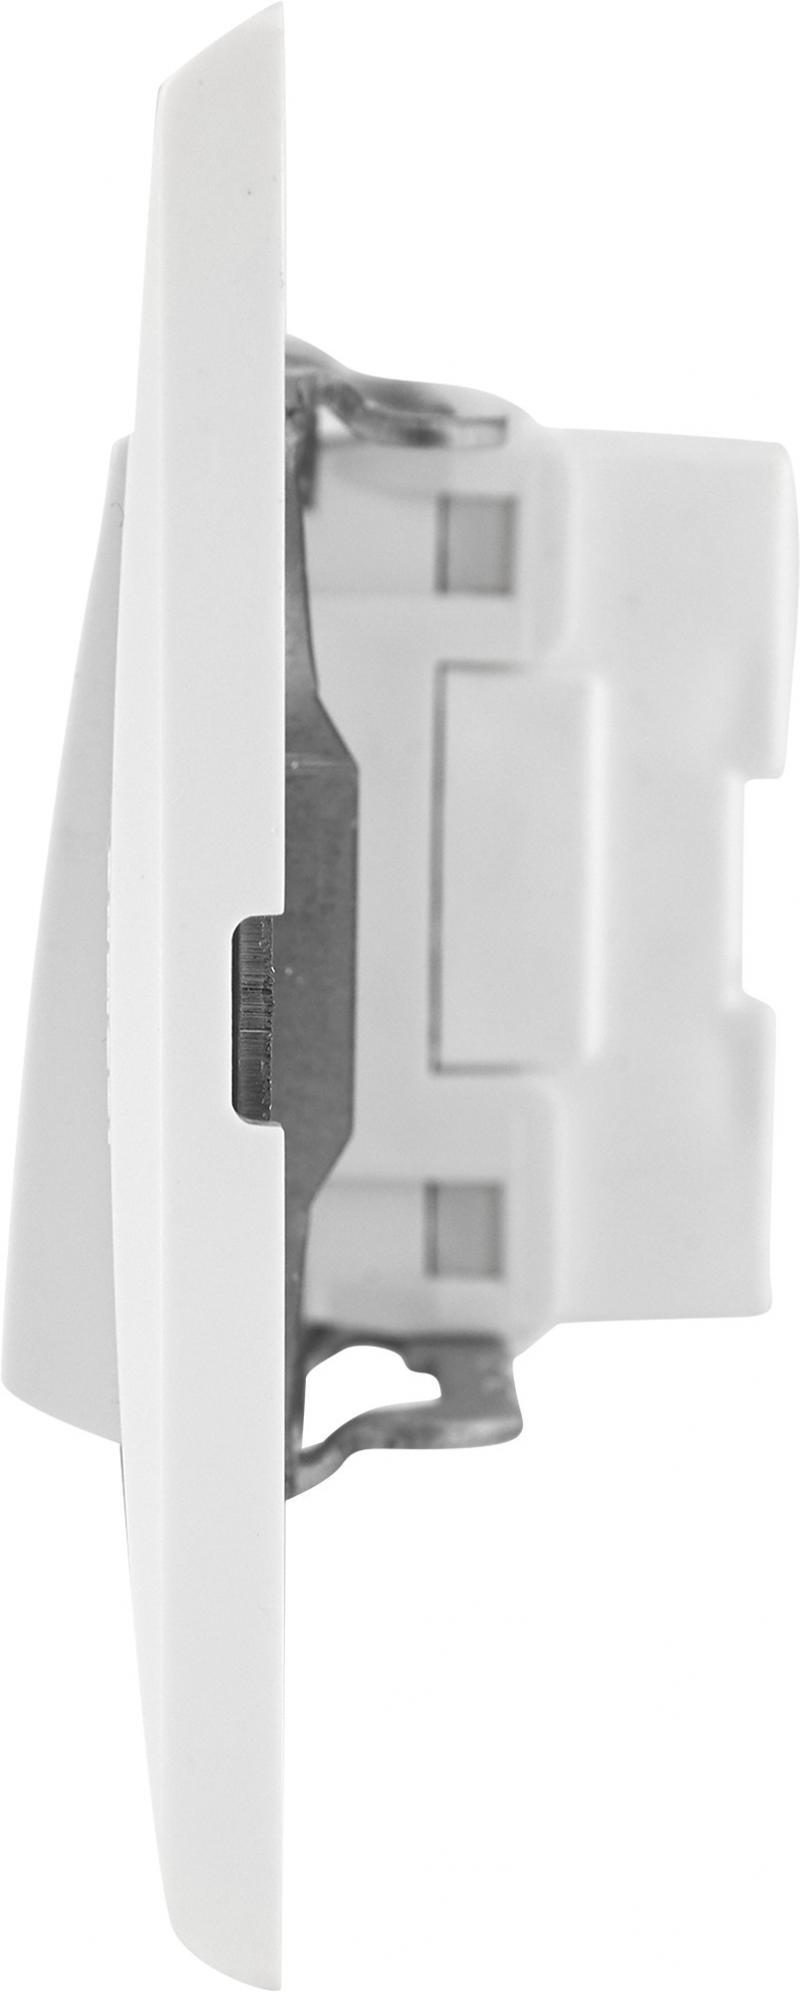 Выключатель встраиваемый Legrand Anam Zunis 1 клавиша с подсветкой, цвет бежевый